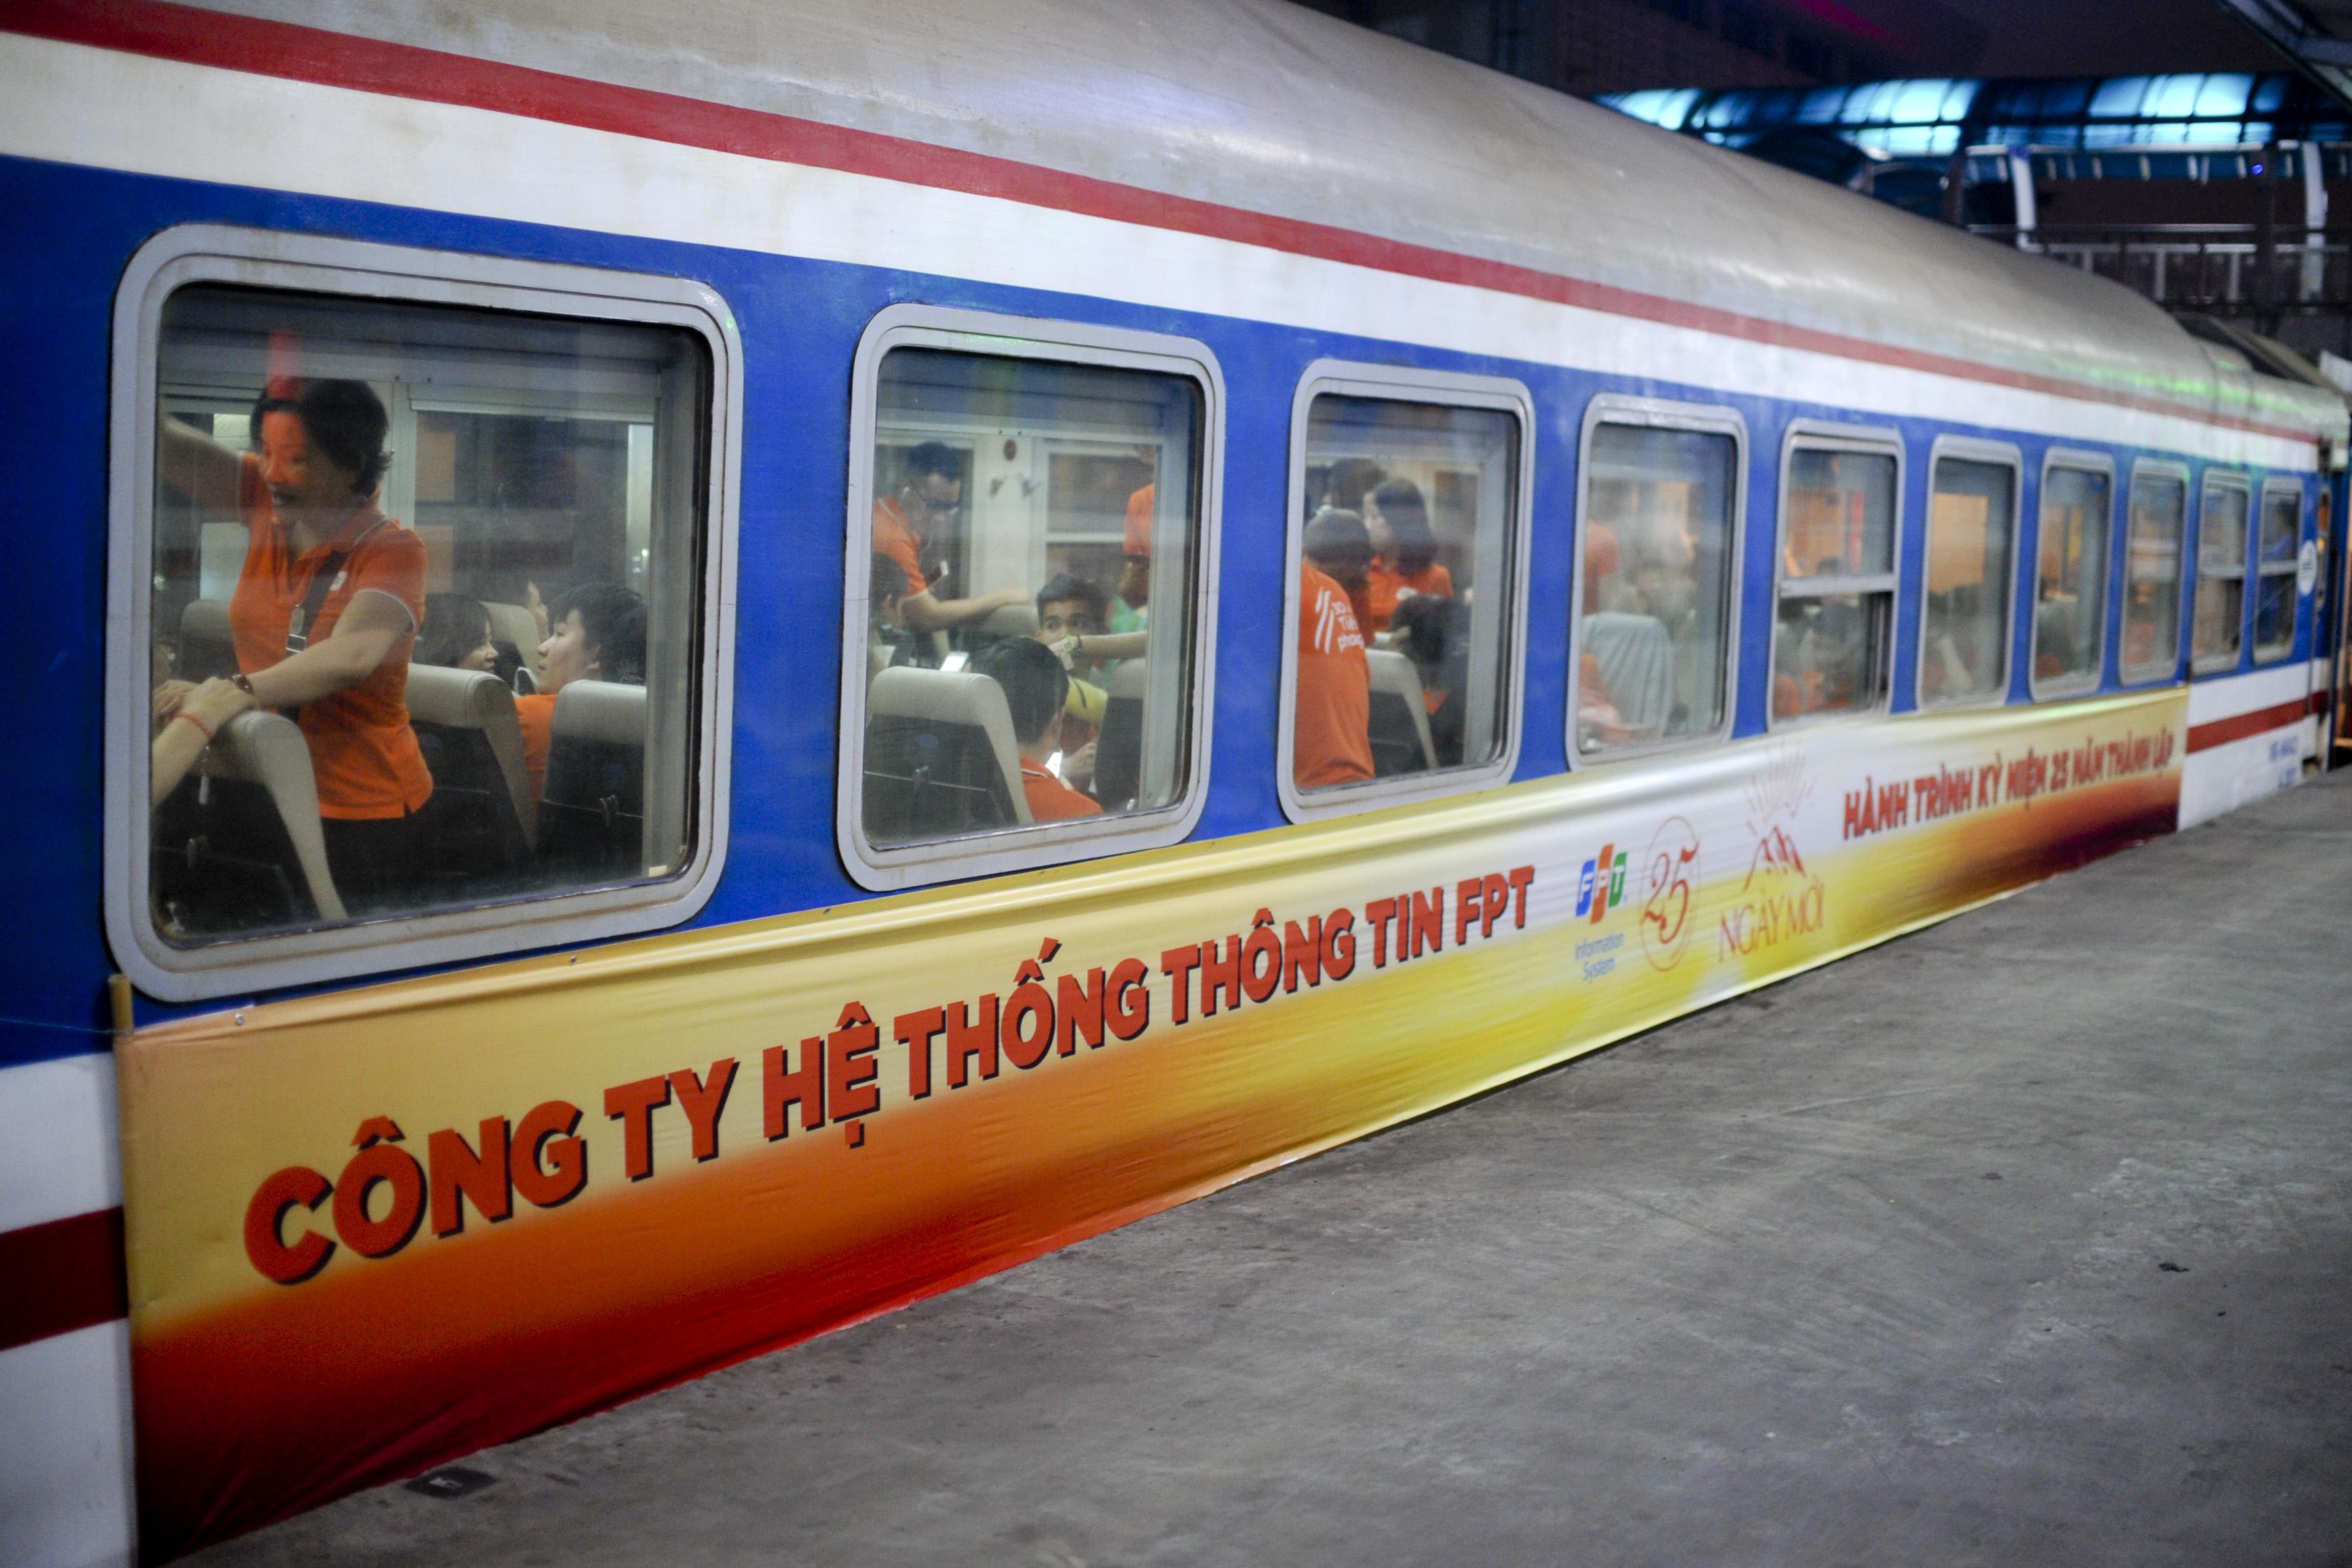 Hai chuyến tàu đặc biệt có 12 toa, 642 ghế mỗi chuyến và chỉ toàn ghế ngồi mềm điều hoà, rời bến đúng giờ quy định từ Hà Nội.